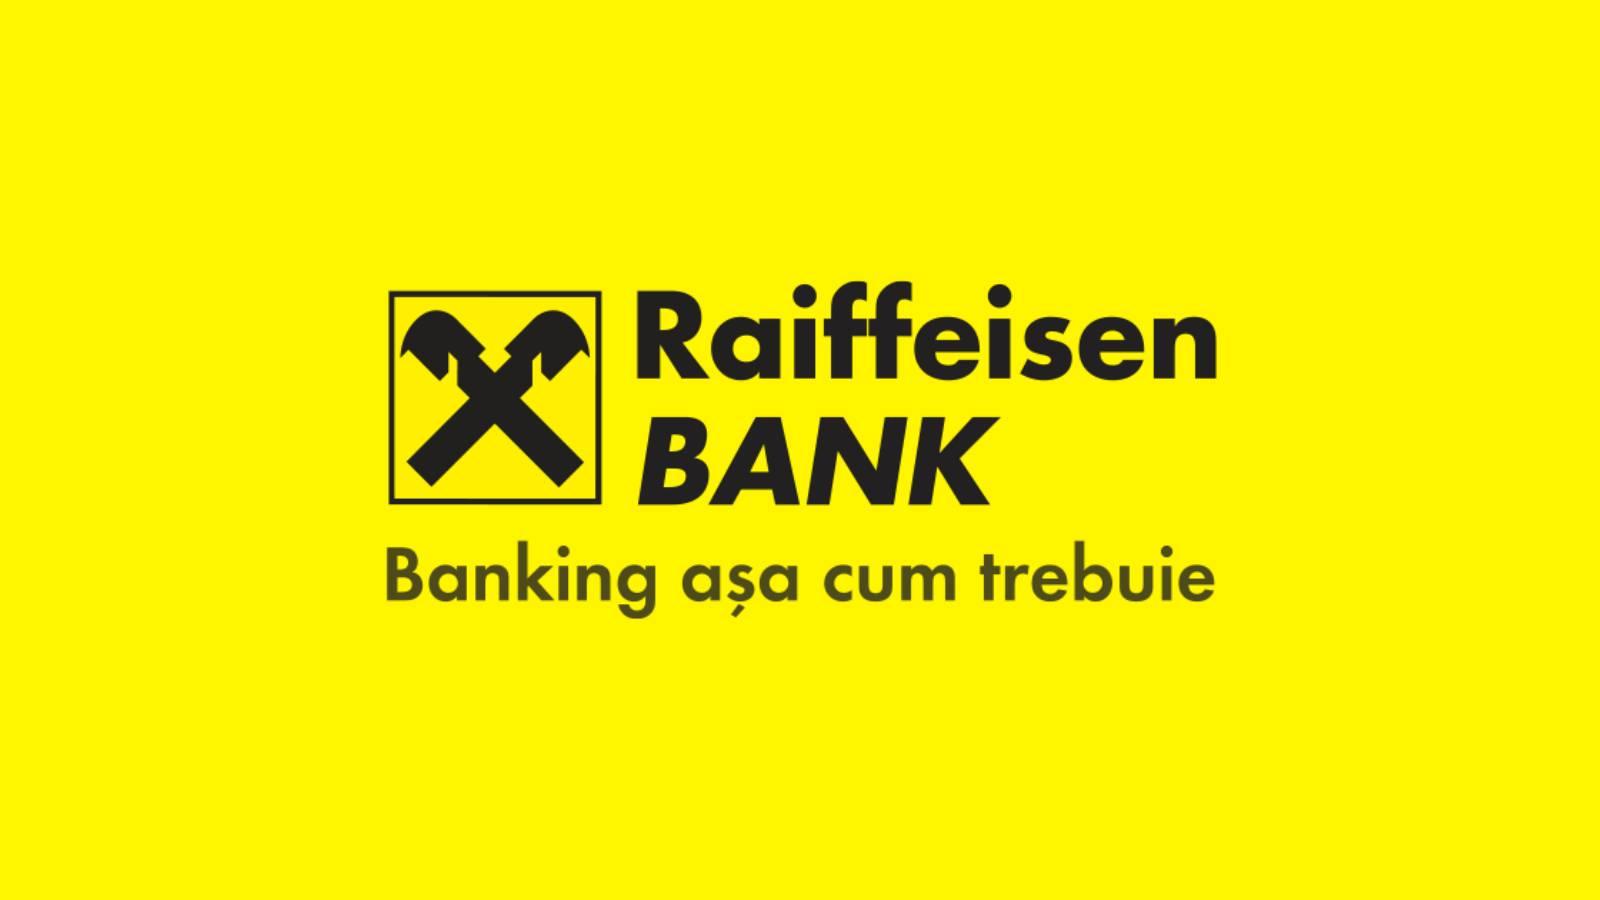 Raiffeisen Bank avantaje